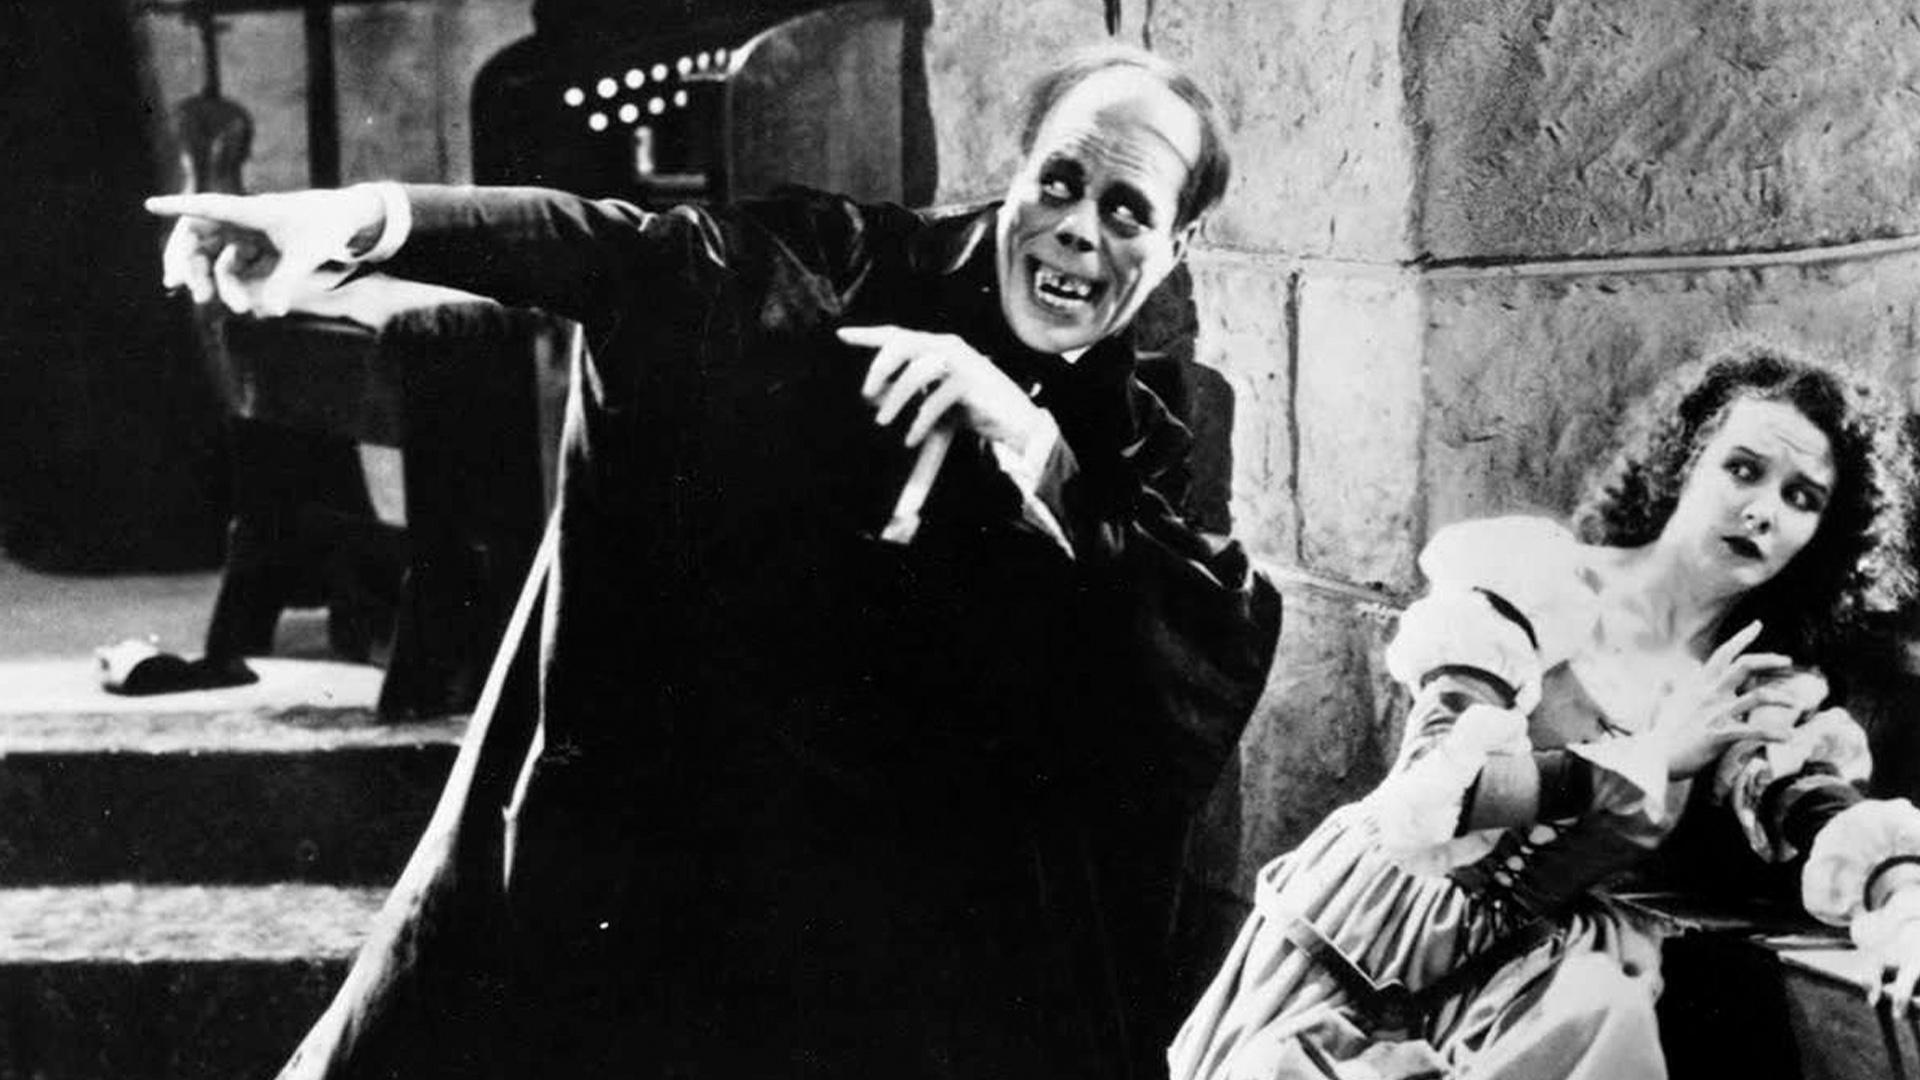 The Phantom of the Opera (1925) - Original trailer